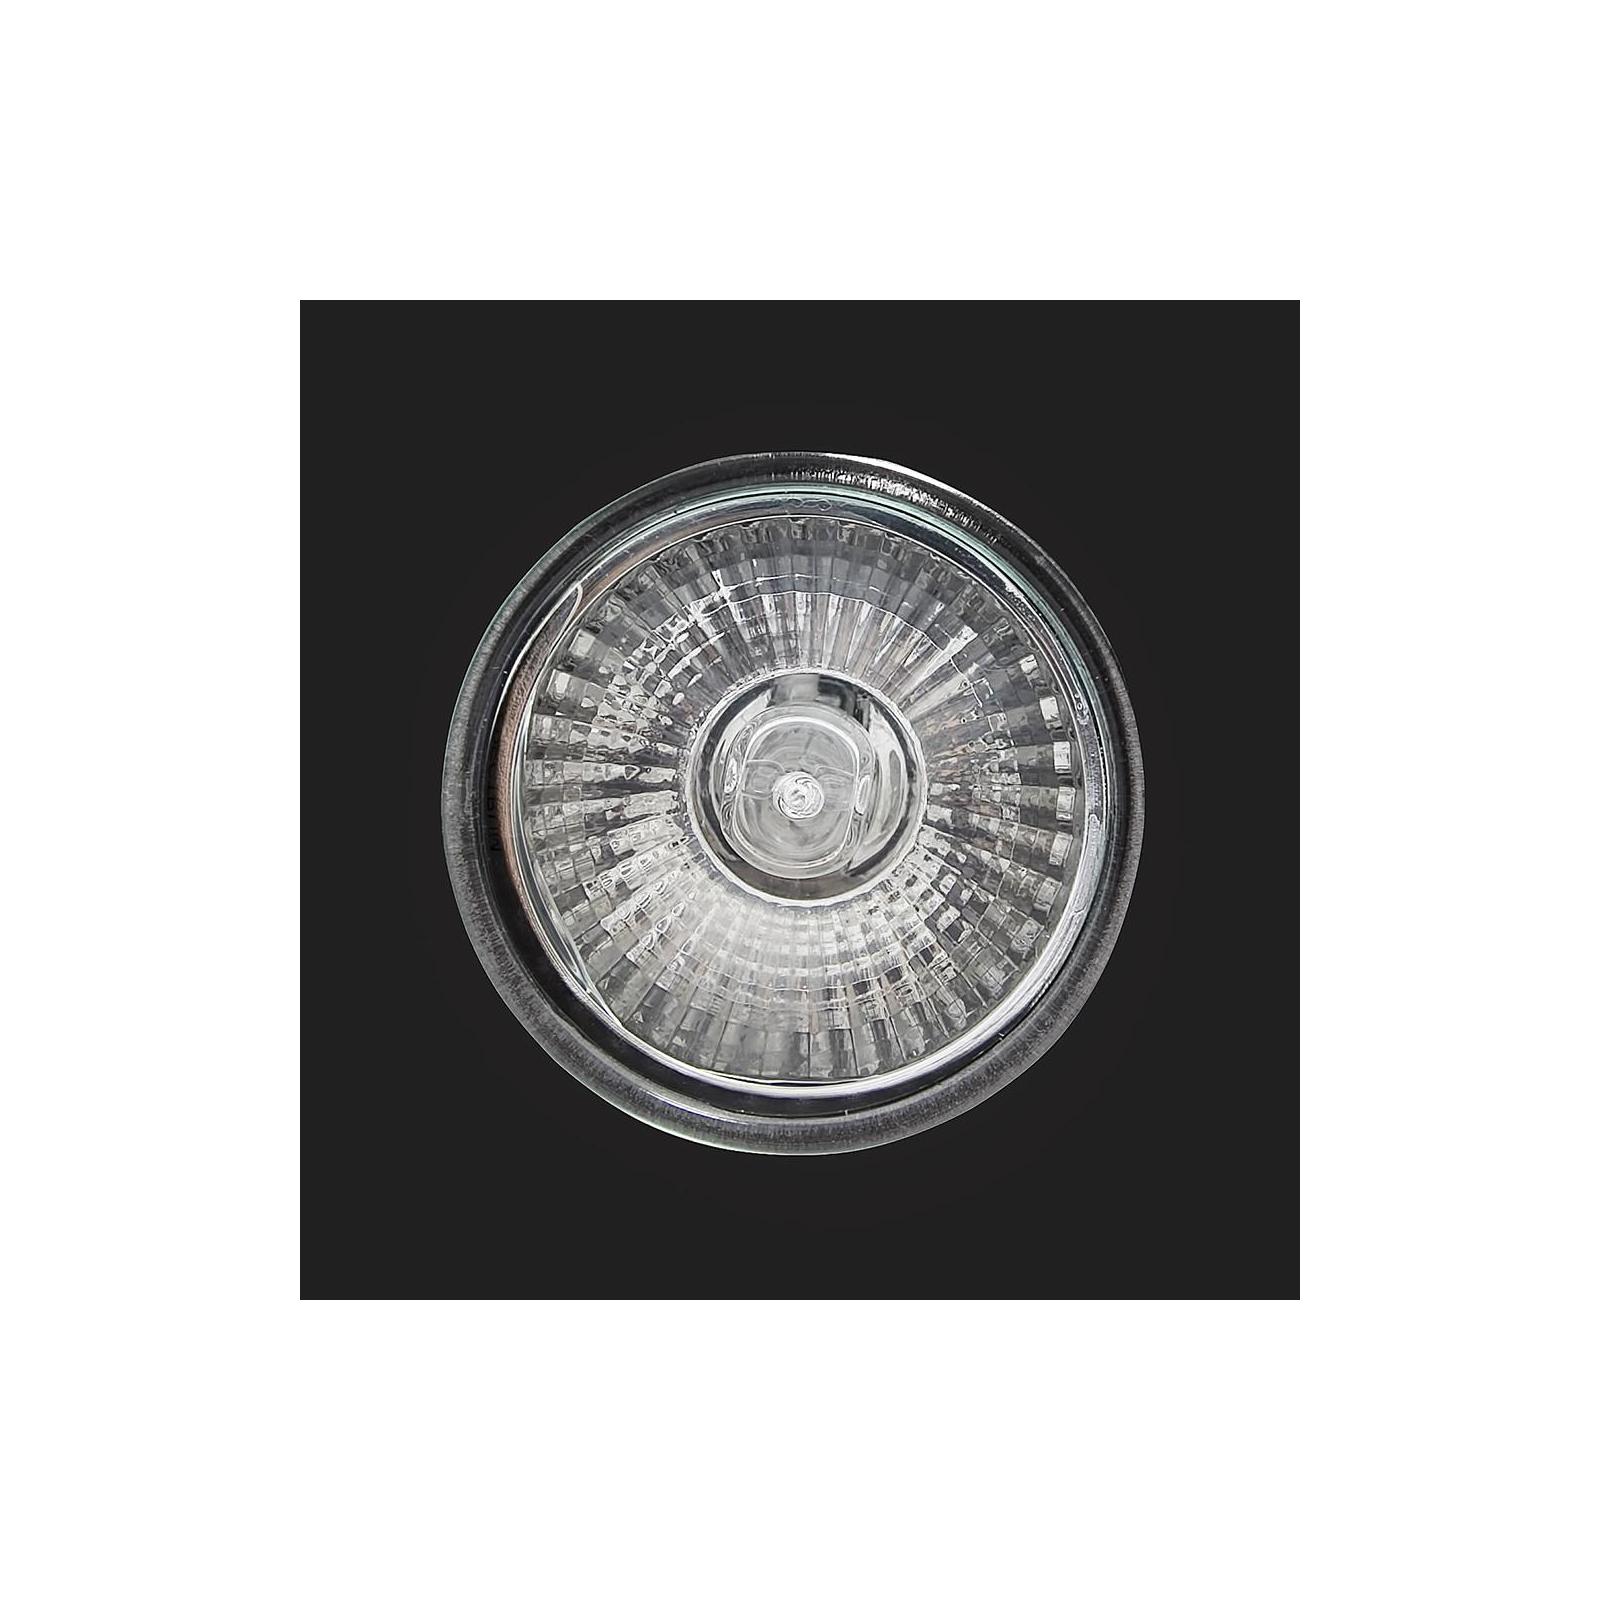 Вытяжка кухонная PERFELLI K 611 BL изображение 5